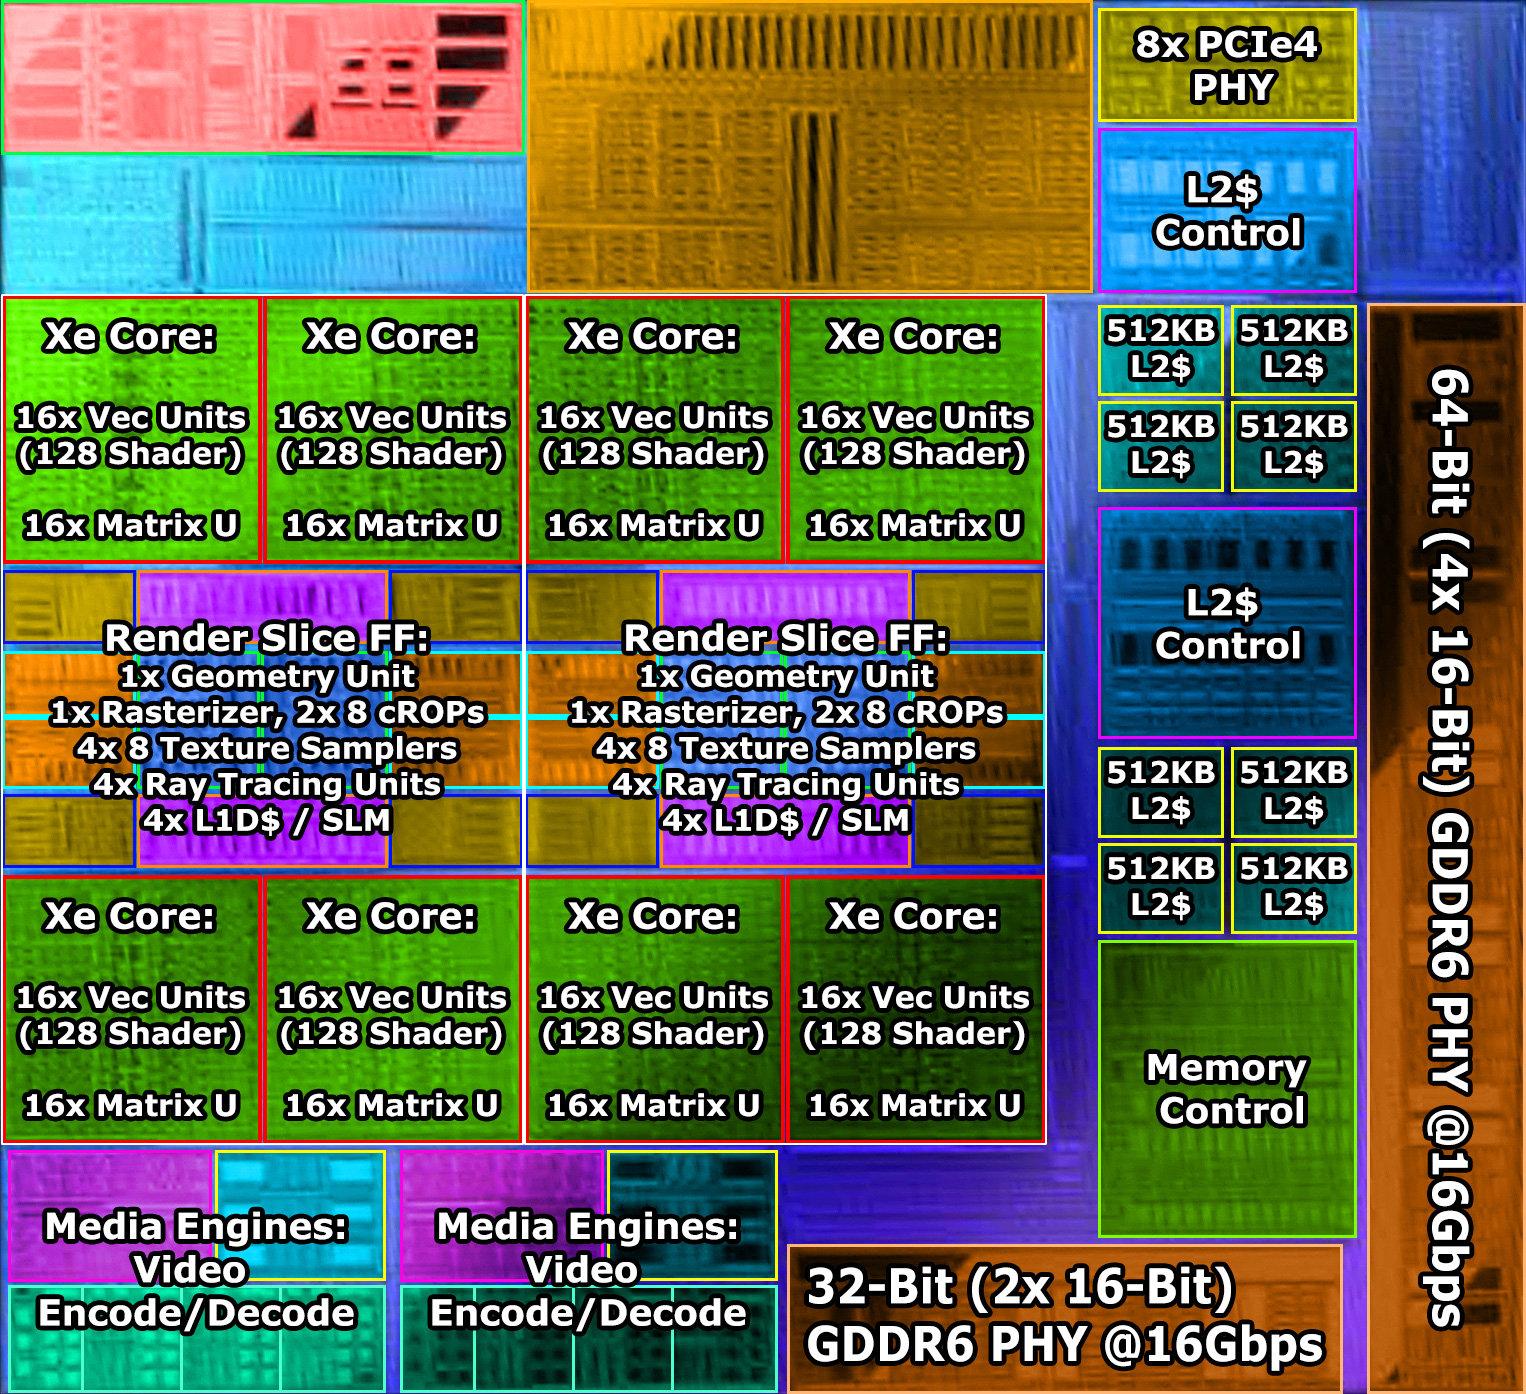 Младшая видеокарта Intel Arc получит 96-битную шину и 6 Гбайт памяти GDDR6